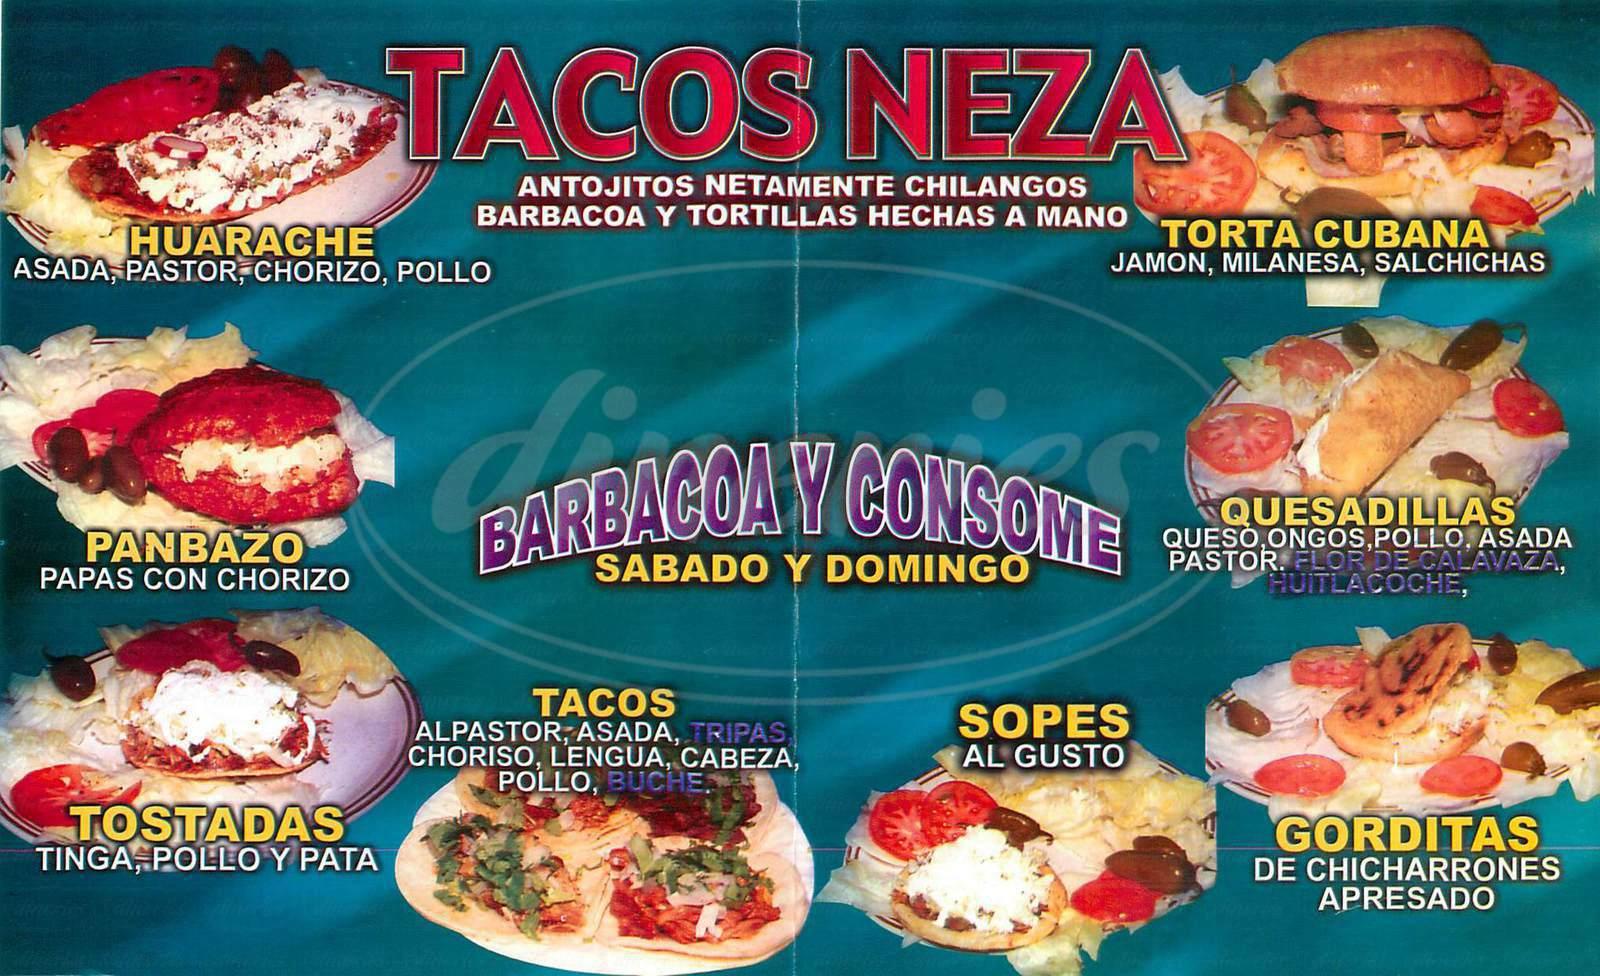 menu for Tacos Neza